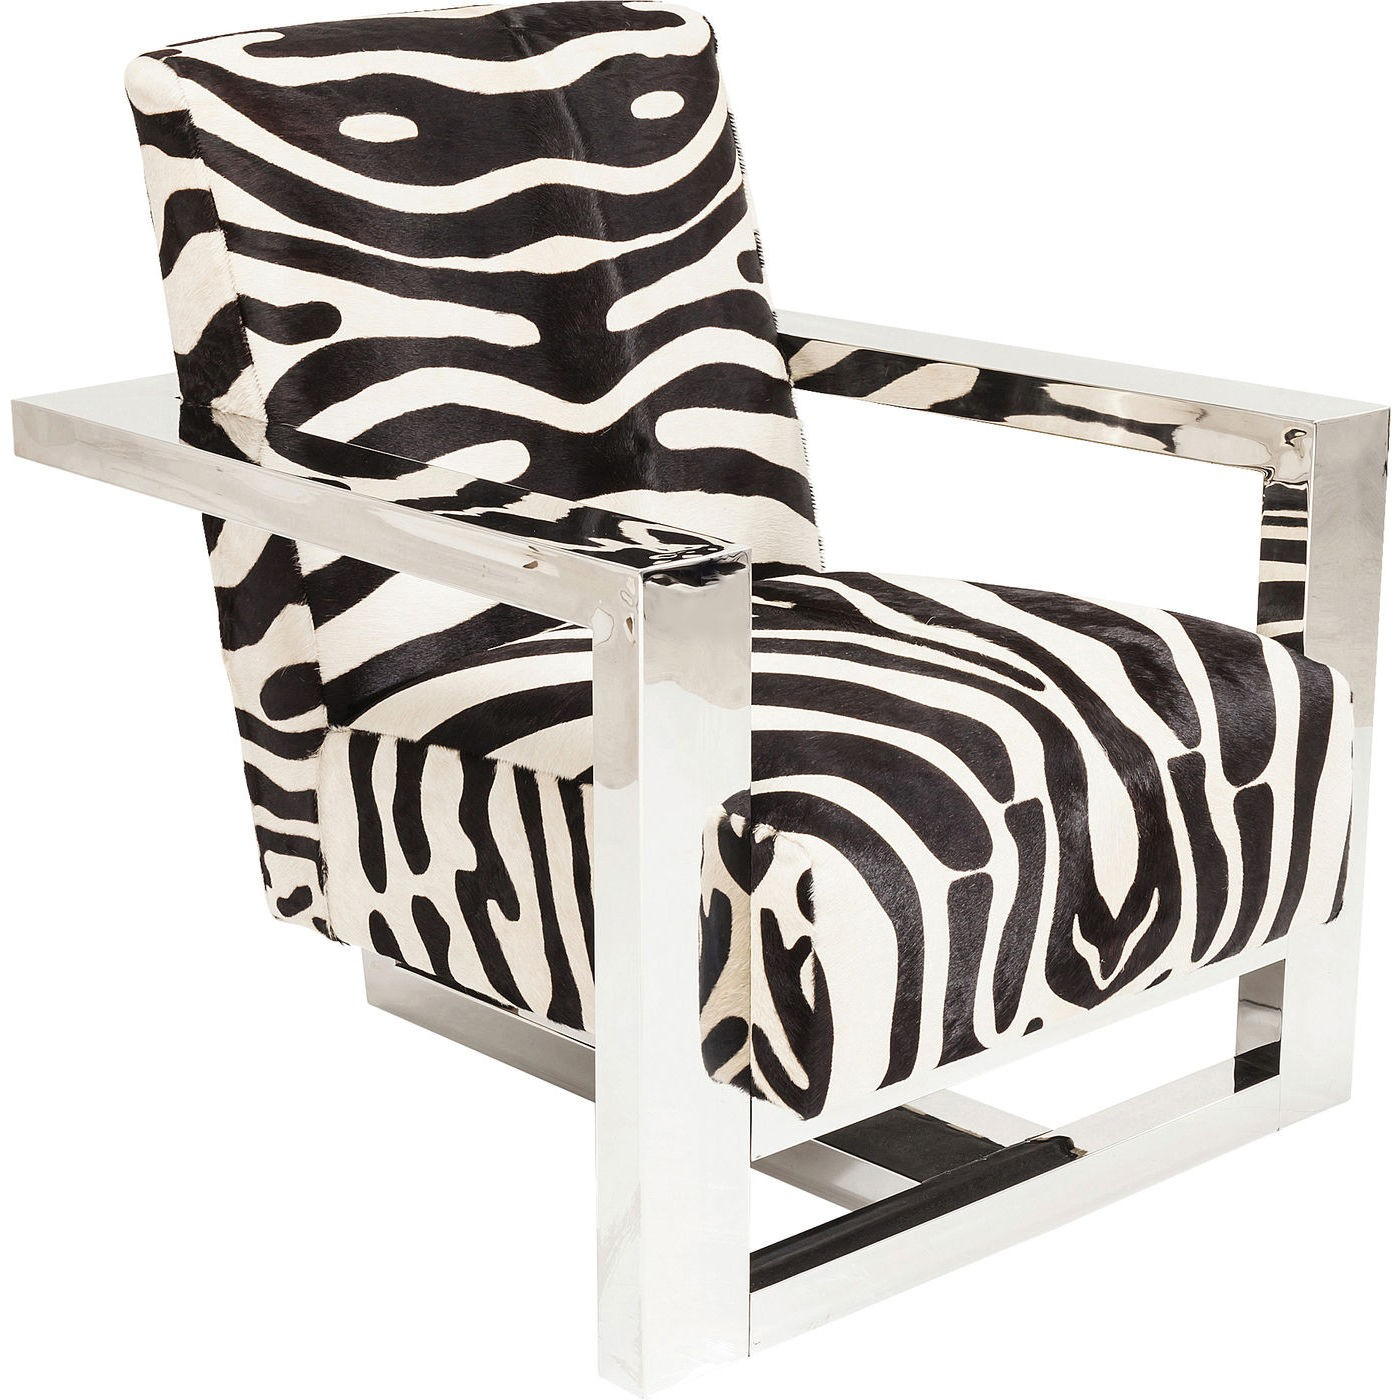 kare design Lænestol sessel wildlife zebra fra boboonline.dk